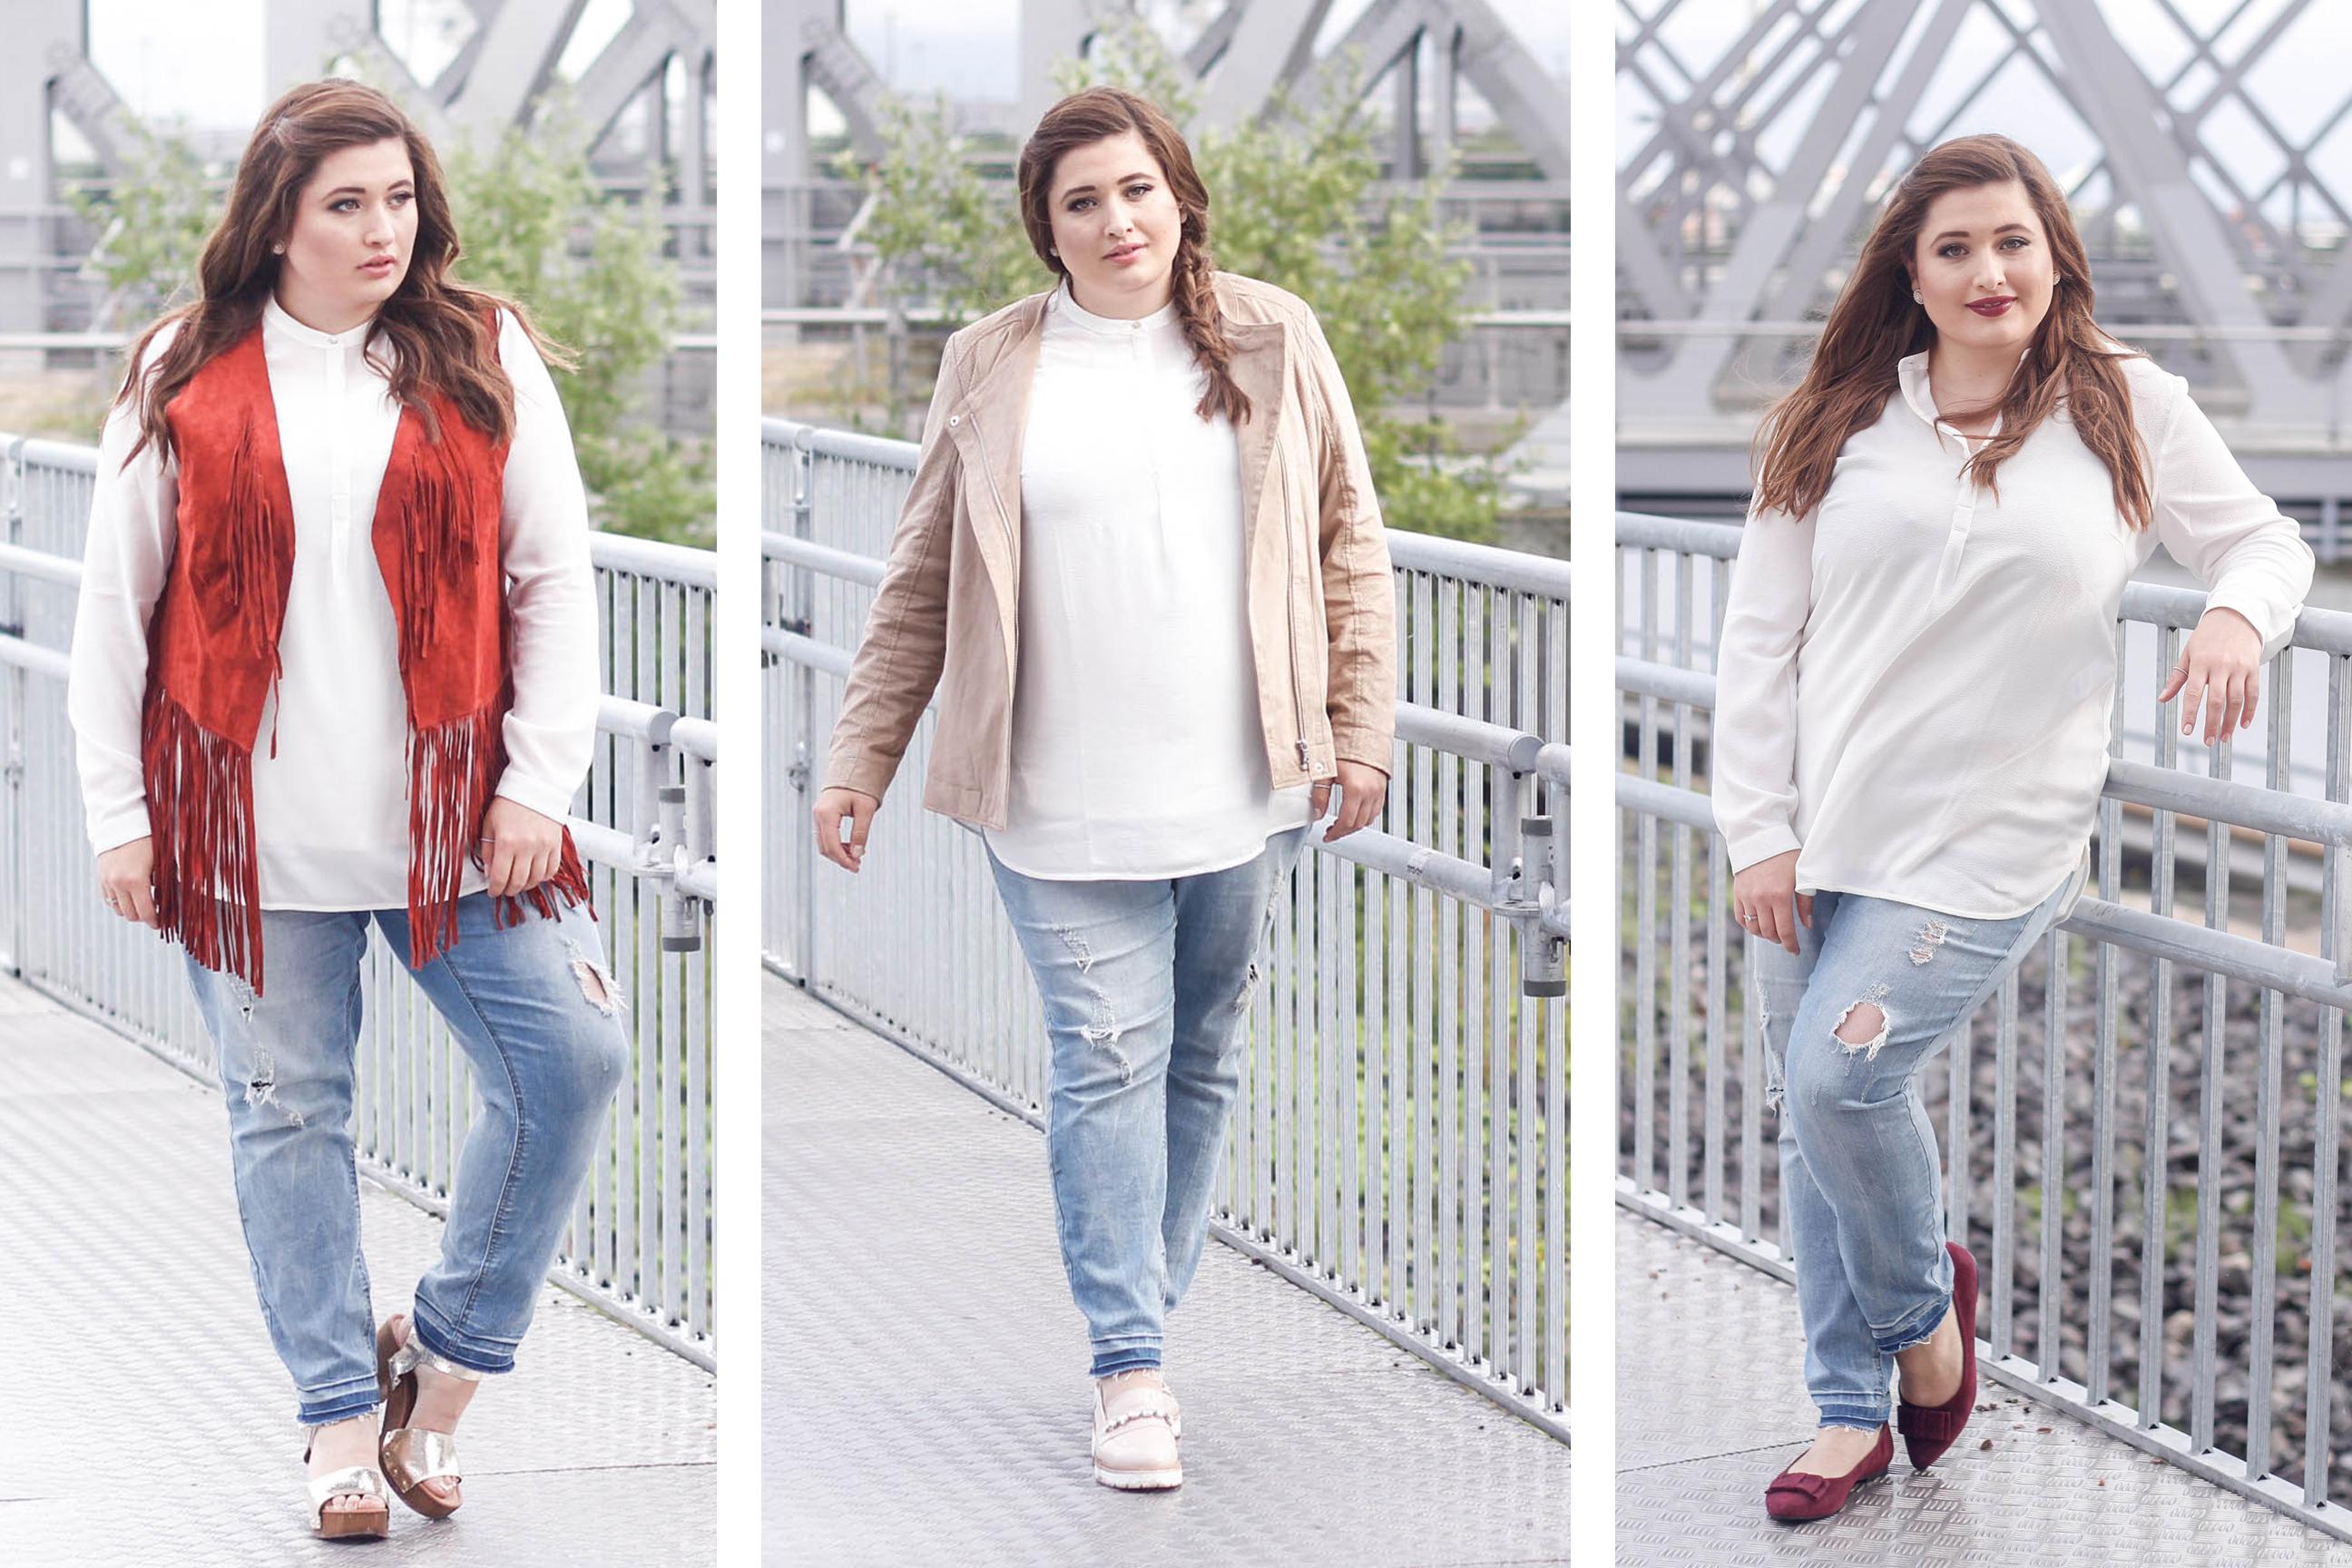 Plus Size Fashion, helle destroyed Jeans, weißes Shirt. Kombinationsmöglichkeiten.